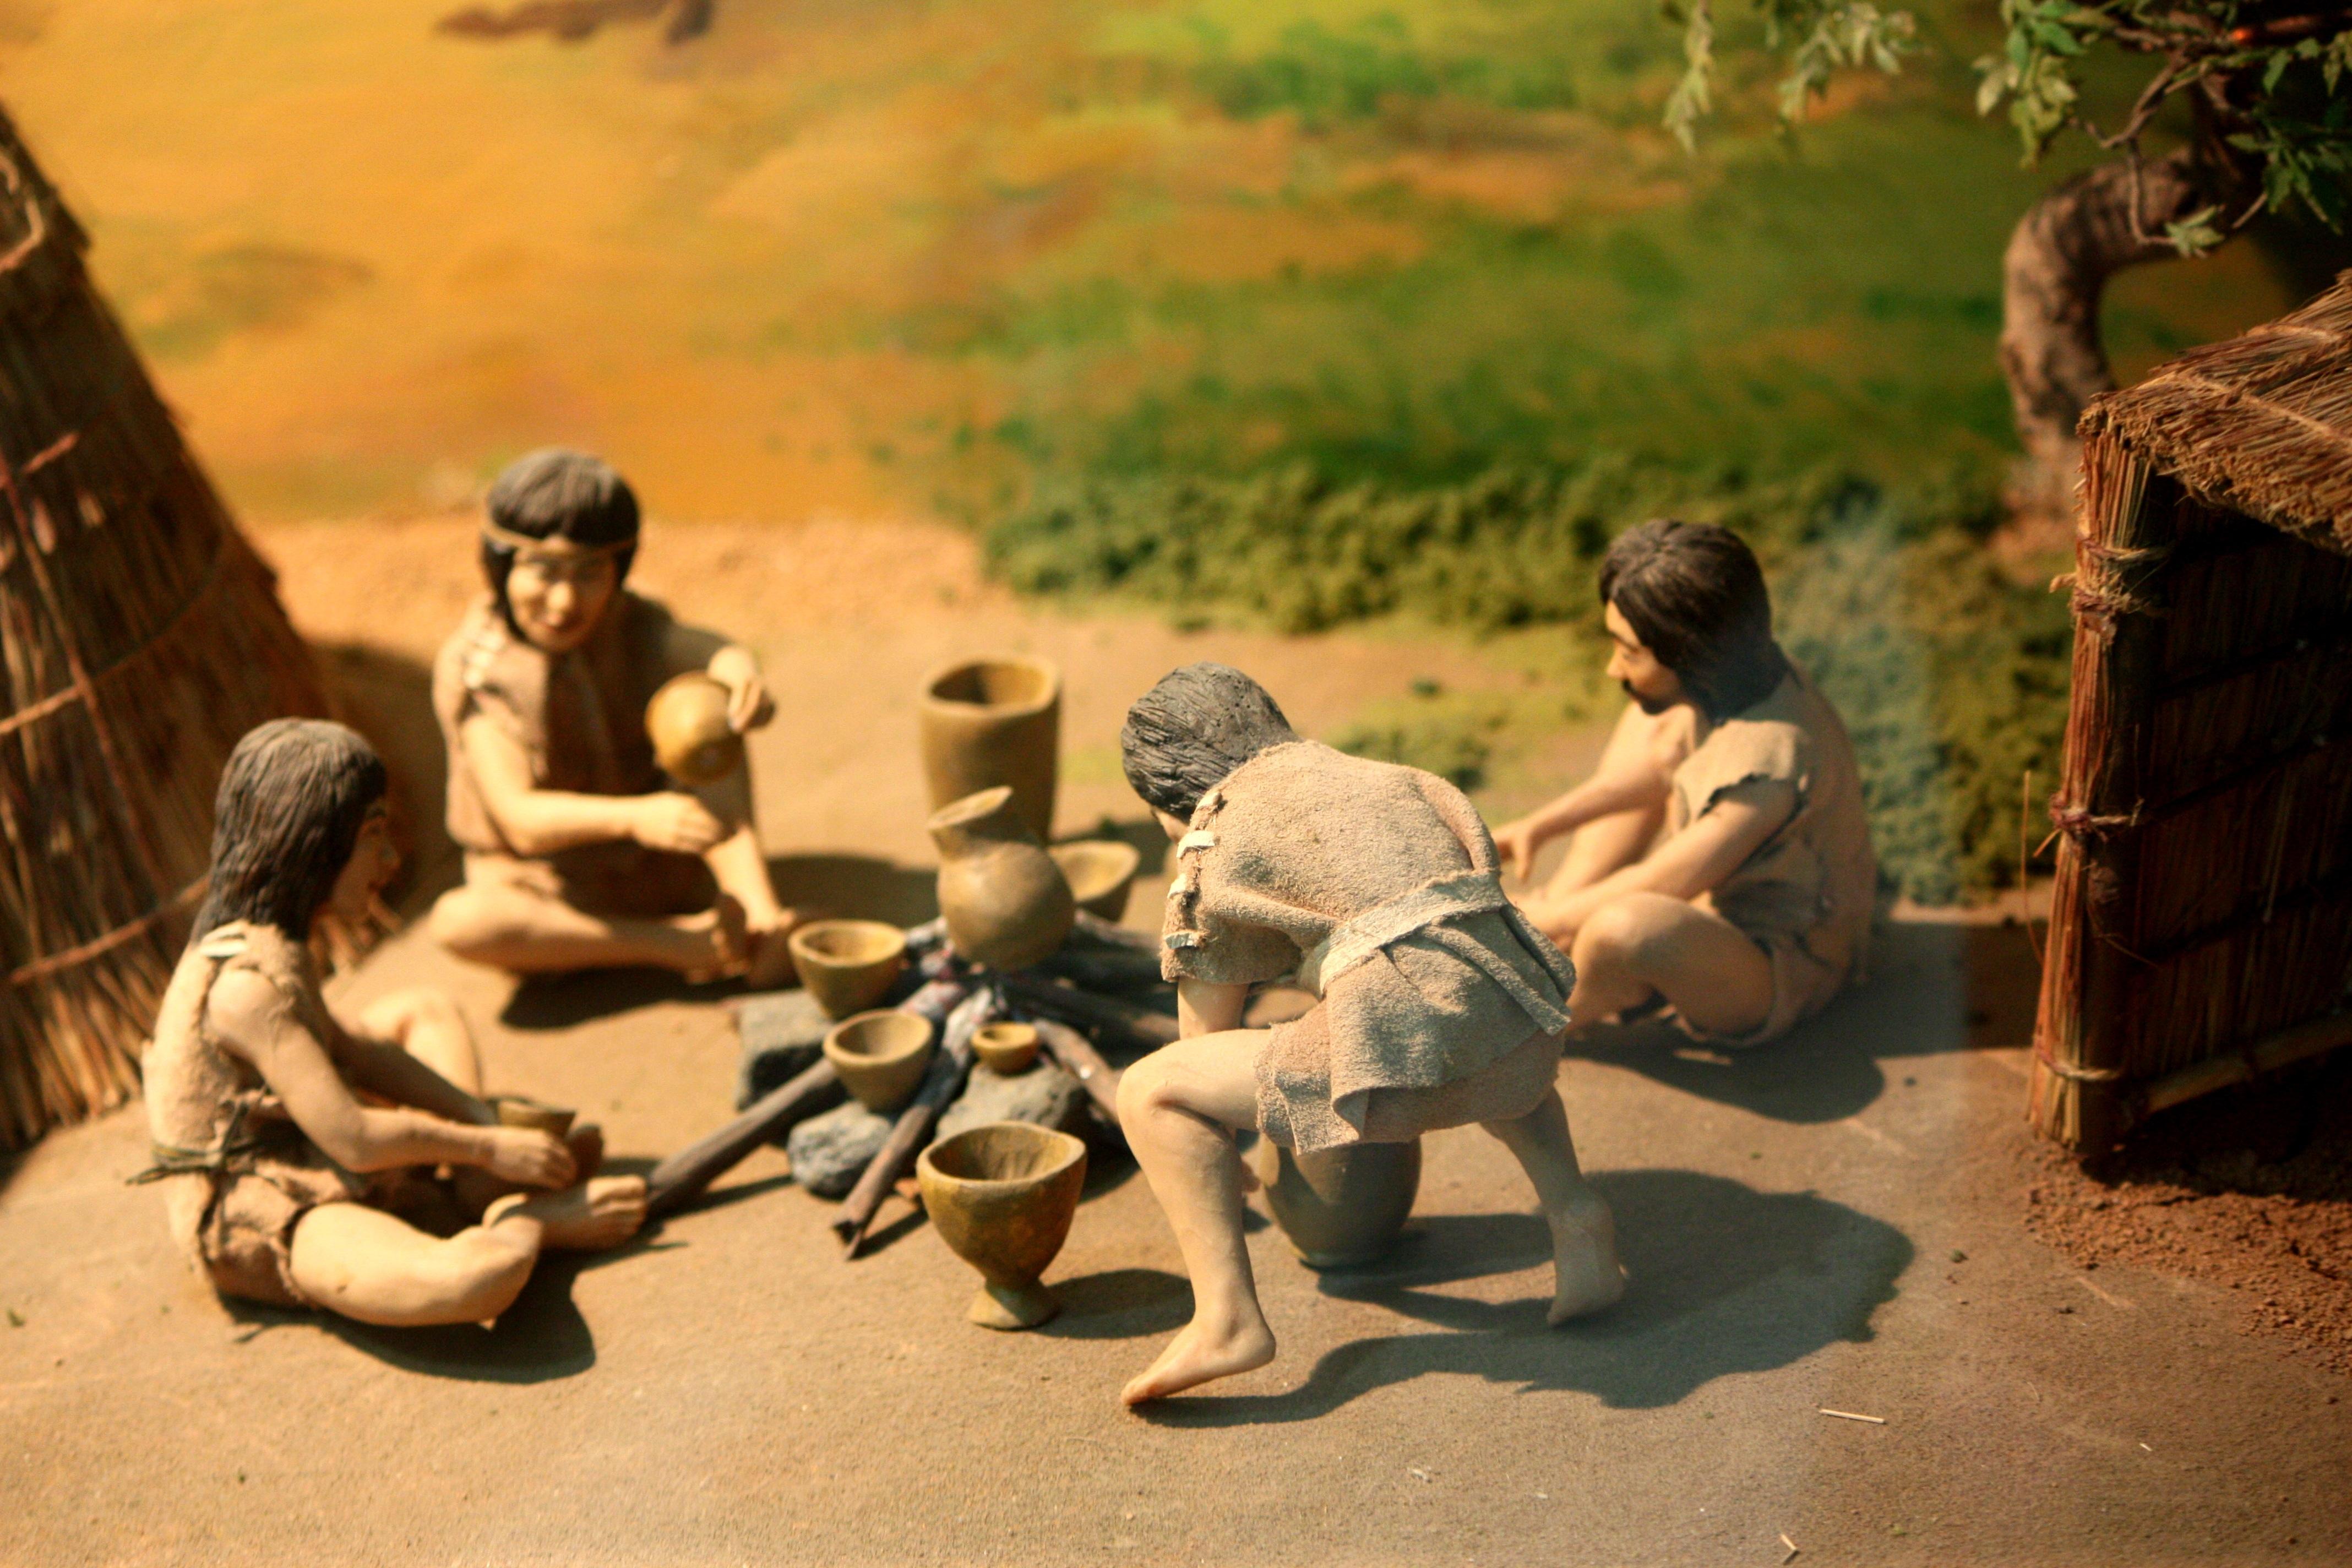 древние времена картинки люди она продолжает строить